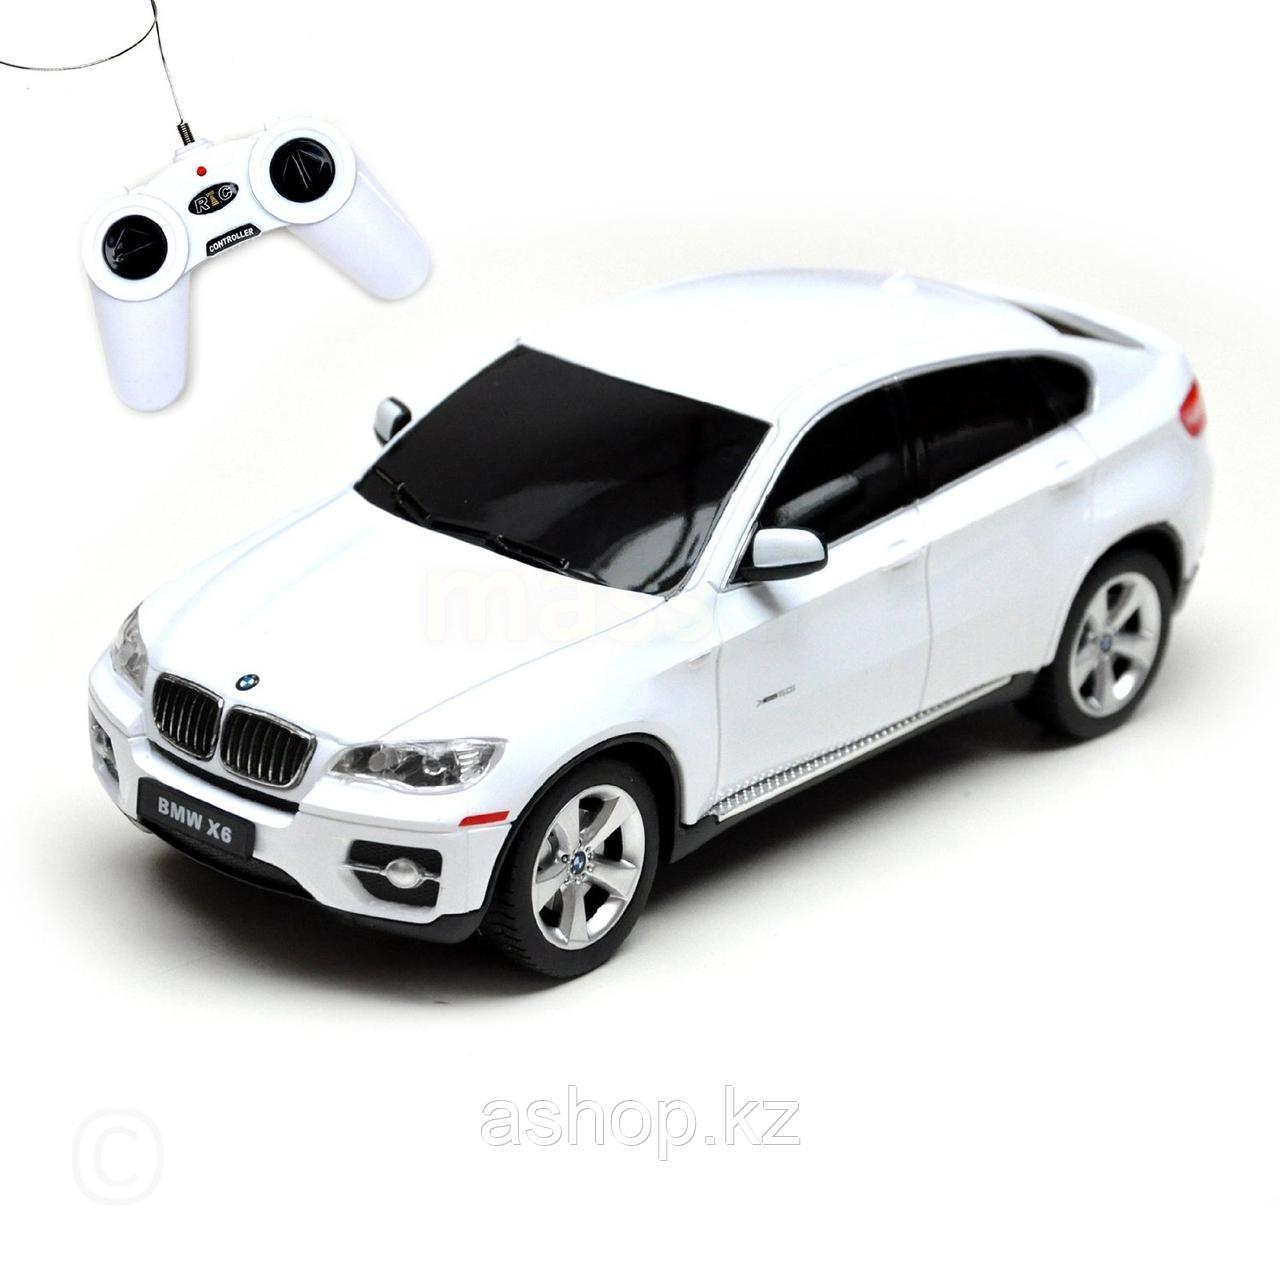 Радиоуправляемая модель автомобиль Rastar BMW X6, 1:24, Управление: Джойстик, Материал: Пластик, Цвет: Белый,